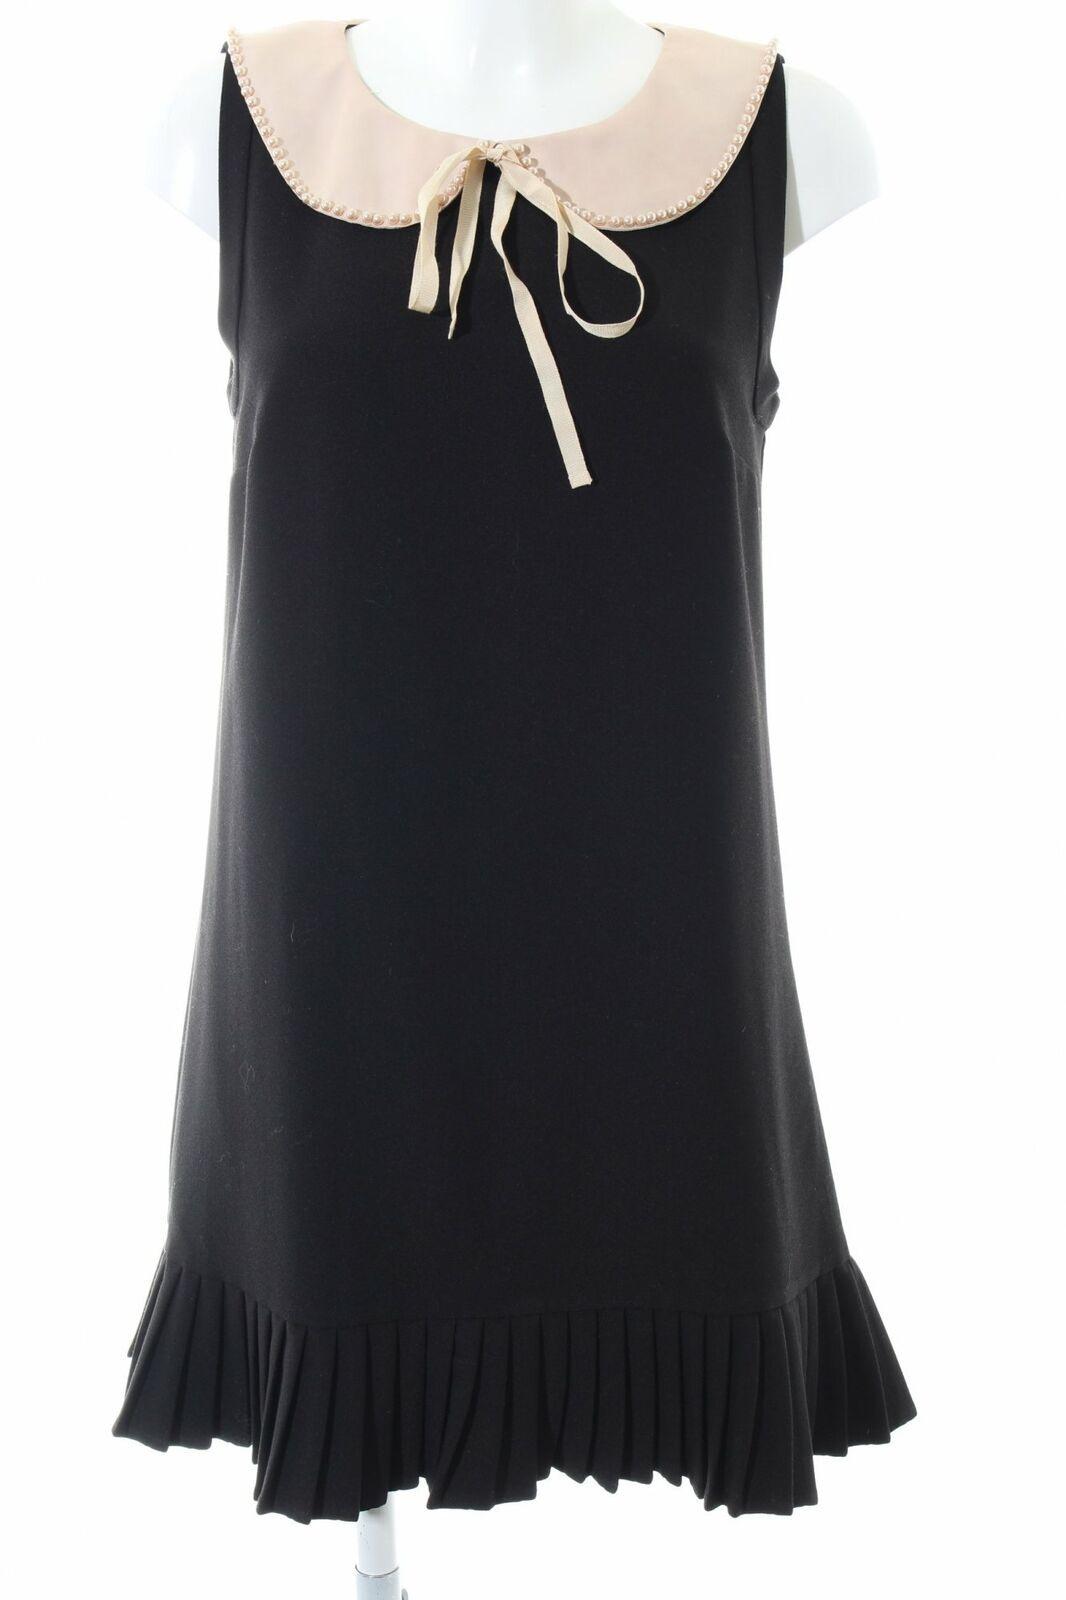 Designer Schön Abendkleid Ebay ÄrmelDesigner Cool Abendkleid Ebay Vertrieb